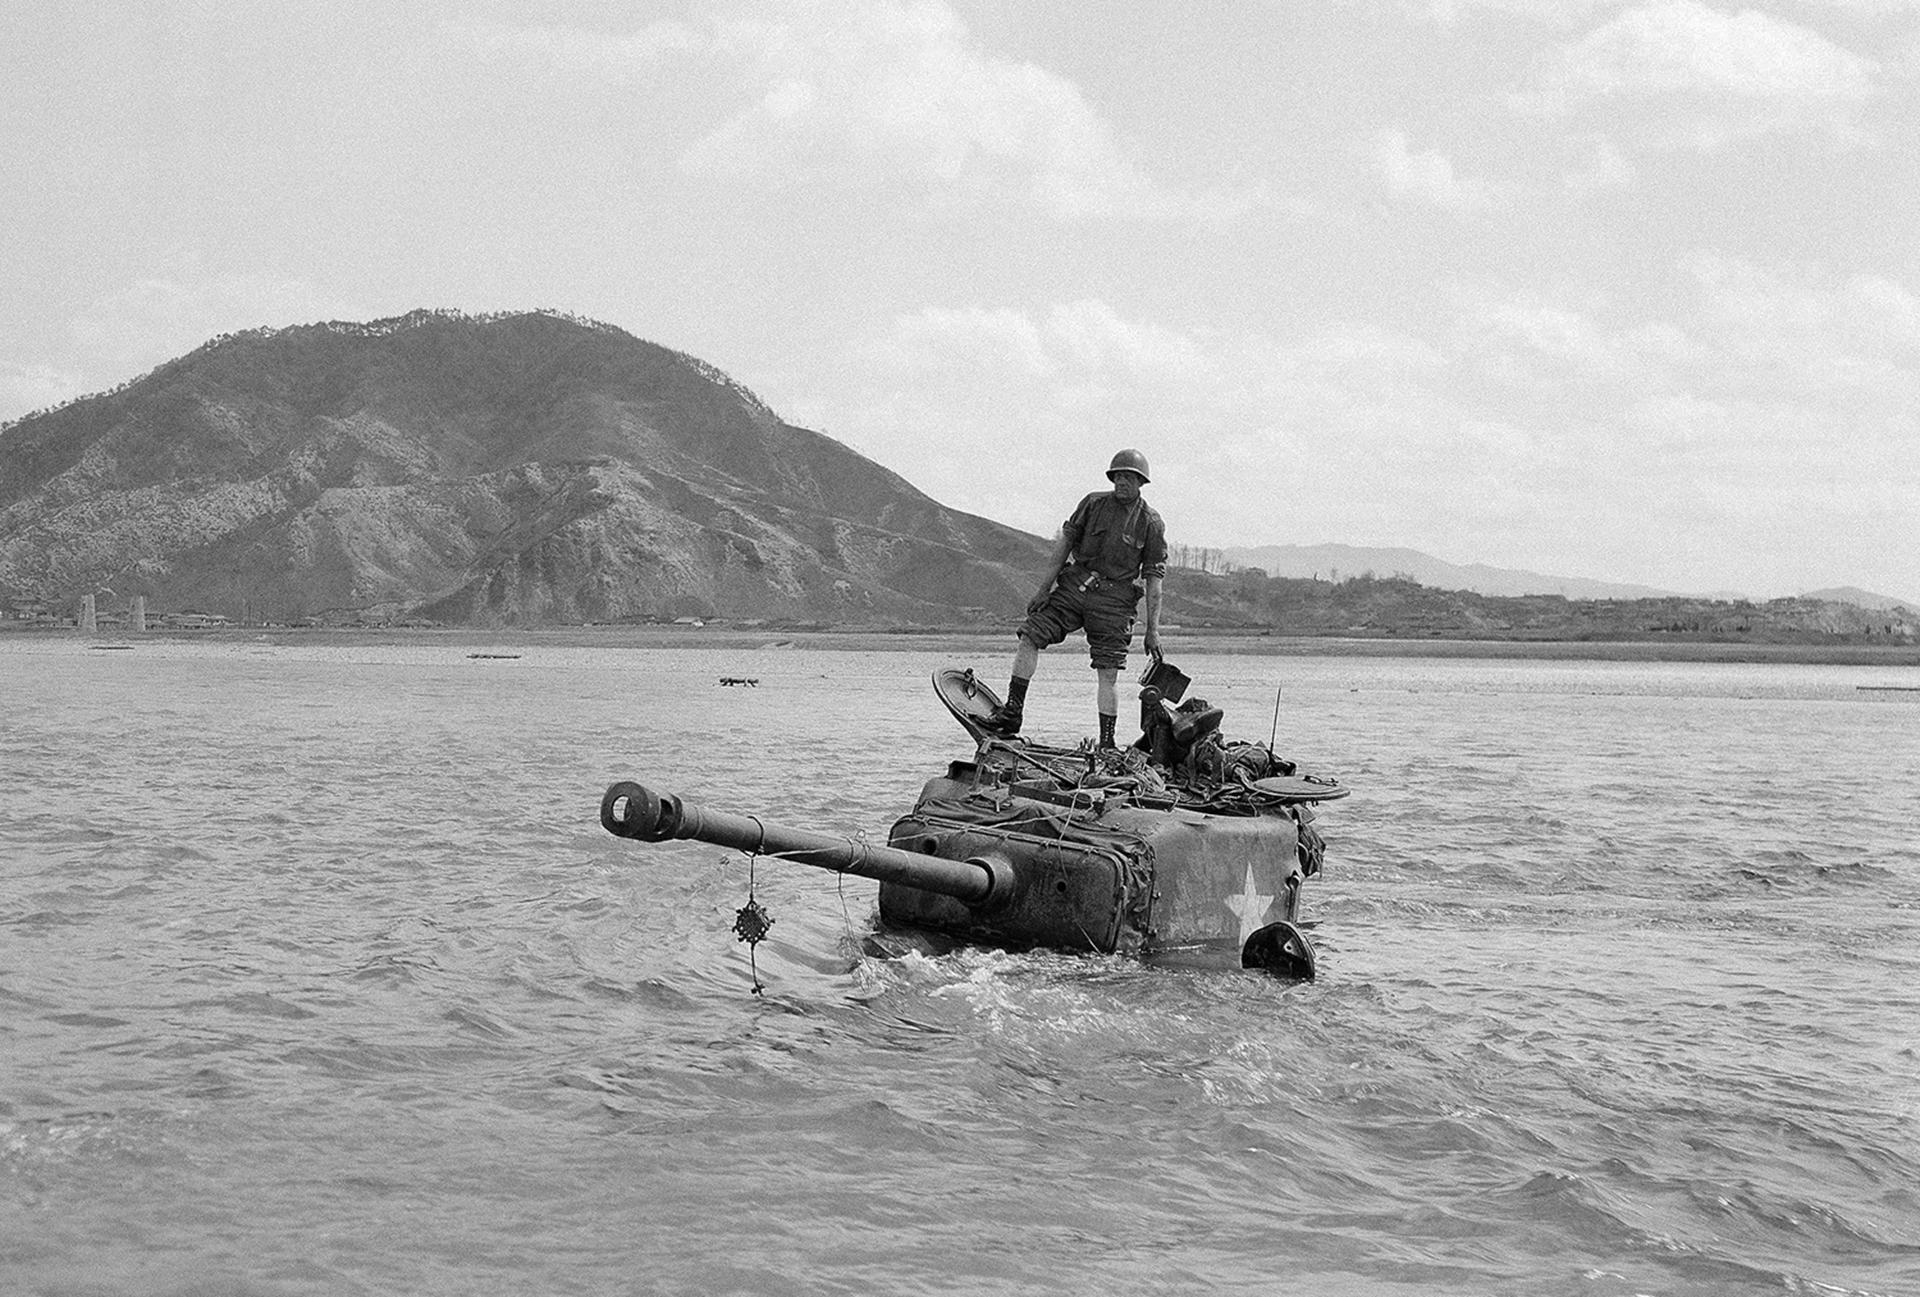 Miembros de la tripulación en la parte superior de su tanque después de quedarse varados durante una inmersión en el río Pukhan. El tanque fue remolcado a un lugar seguro el 7 de abril de 1951 en Corea (AP)